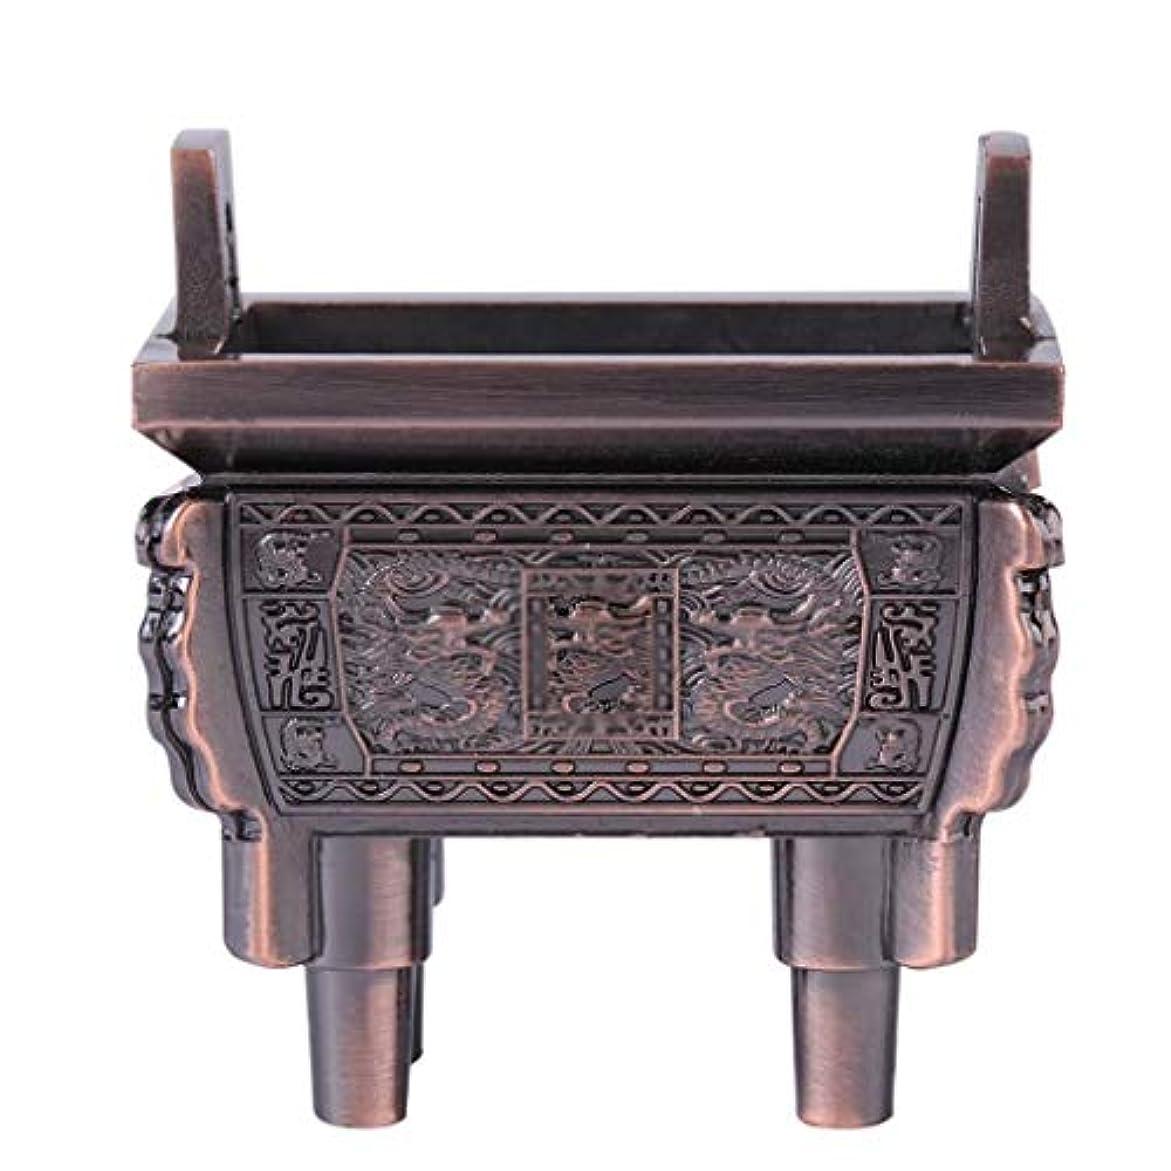 官僚ヤギ出演者芳香器?アロマバーナー 総本店のホテルの喫茶店の使用のための小型多機能香の棒のバーナーのホールダーのセンサー アロマバーナー芳香器 (Color : Brass)